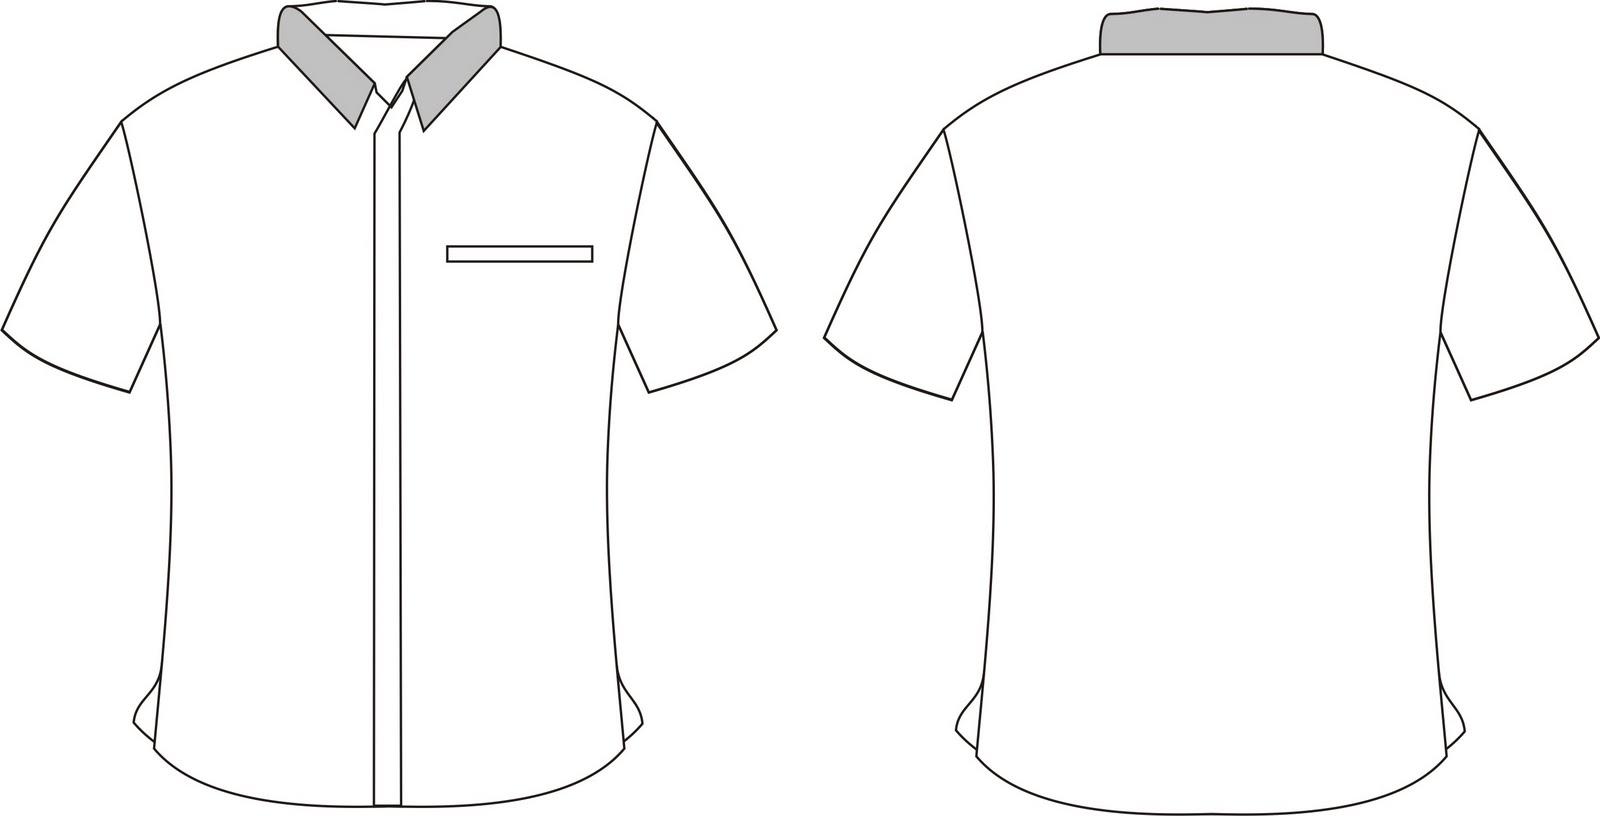 Juga sekalian saya mau pamer beberapa desain kemeja yang sudah saya ...